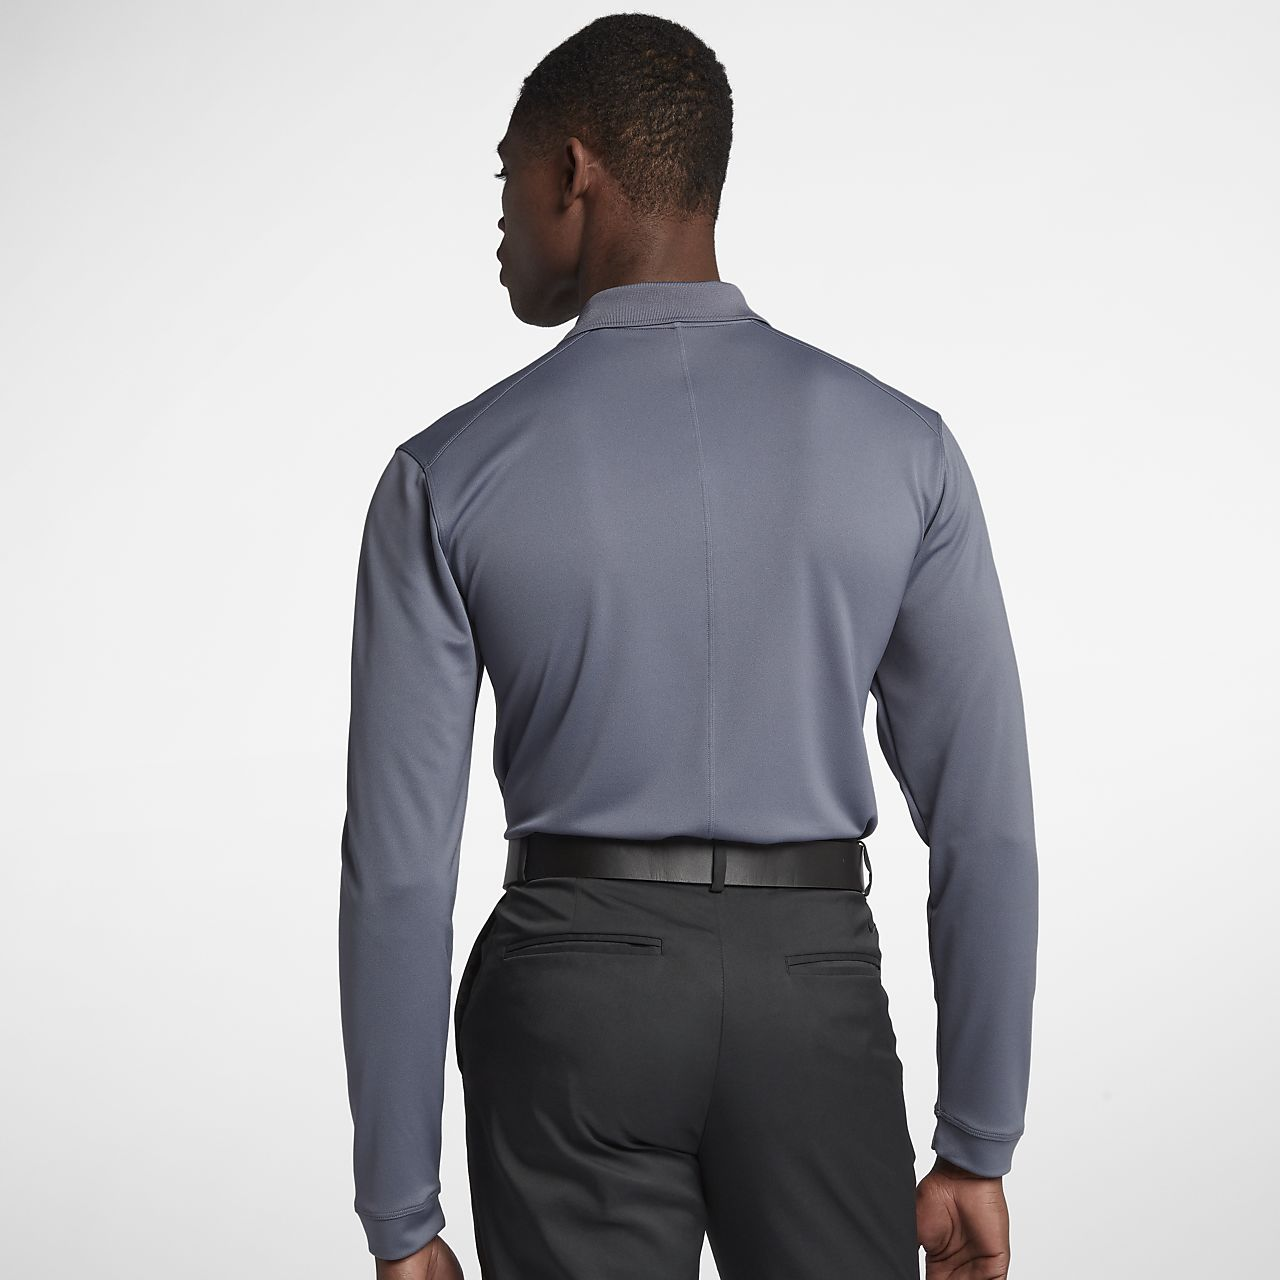 Nike Long Sleeve Polo Shirts Lauren Goss